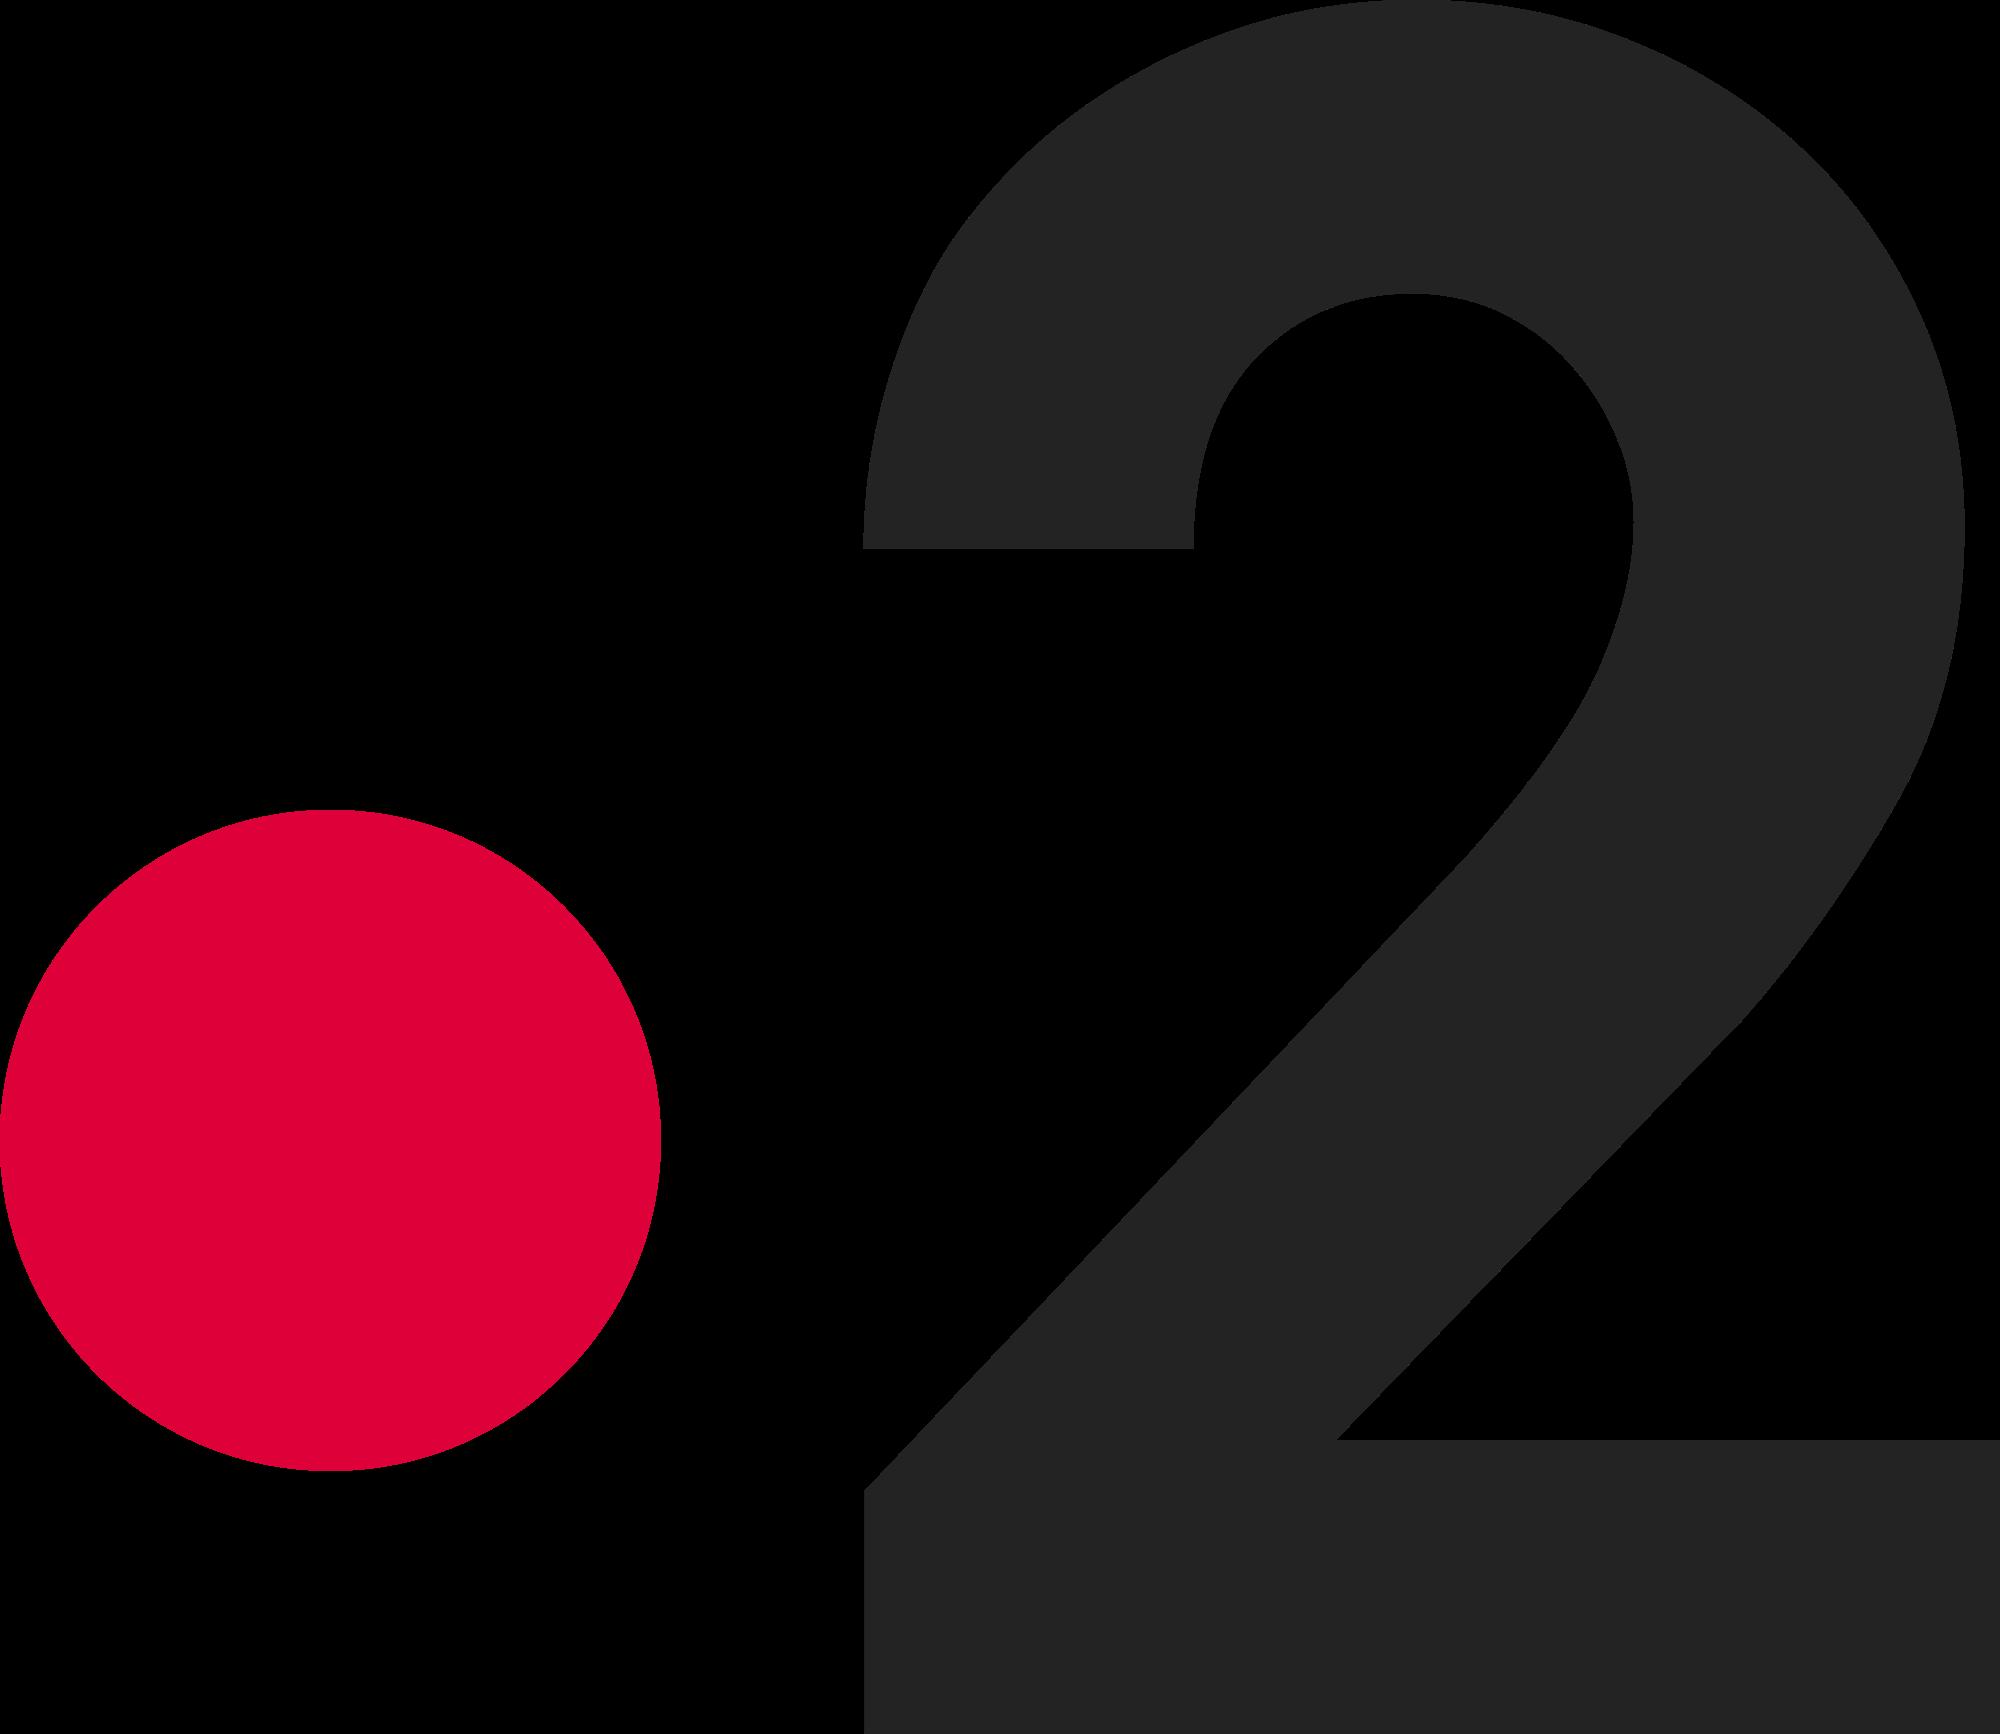 France 2 (FR2)